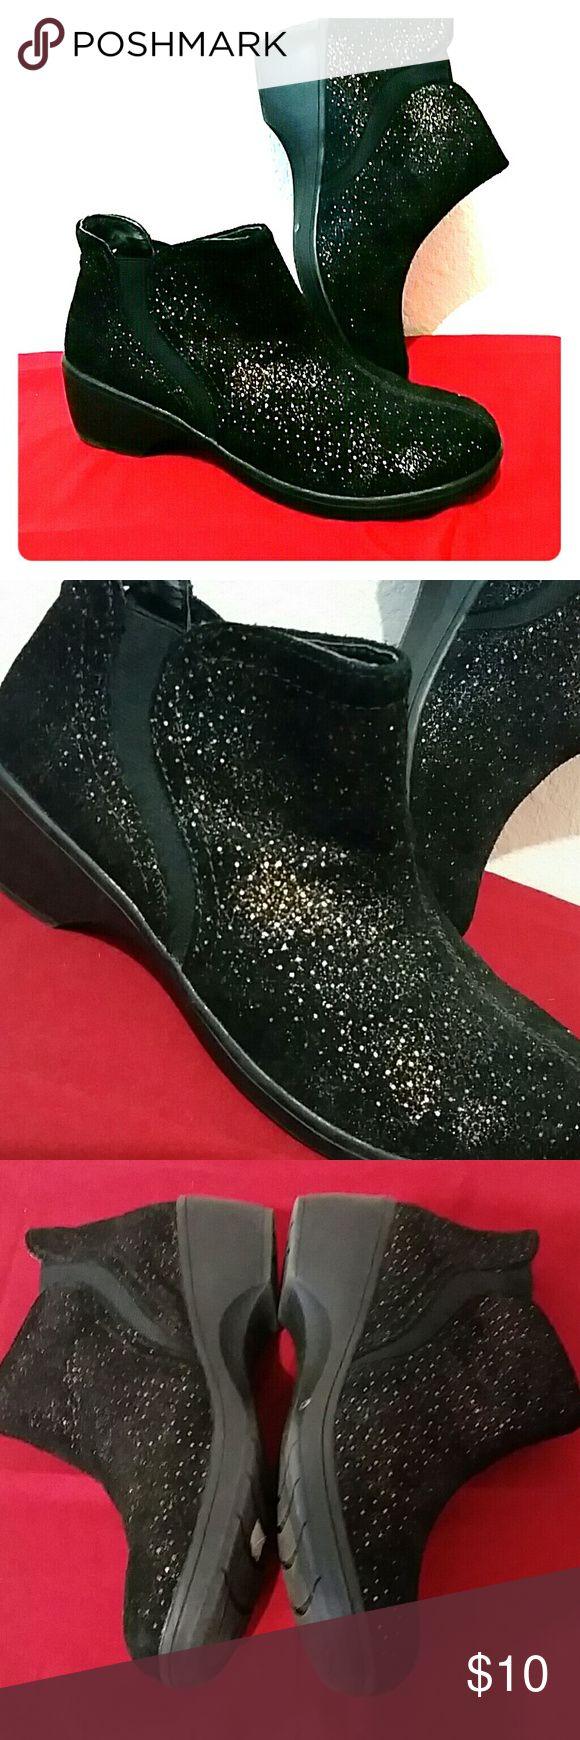 Skechers Flexibles w Memory Foam booties sz 9.5 Skechers sparkly black suede Flexibles with Memory Foam size 9.5 Skechers Shoes Ankle Boots & Booties